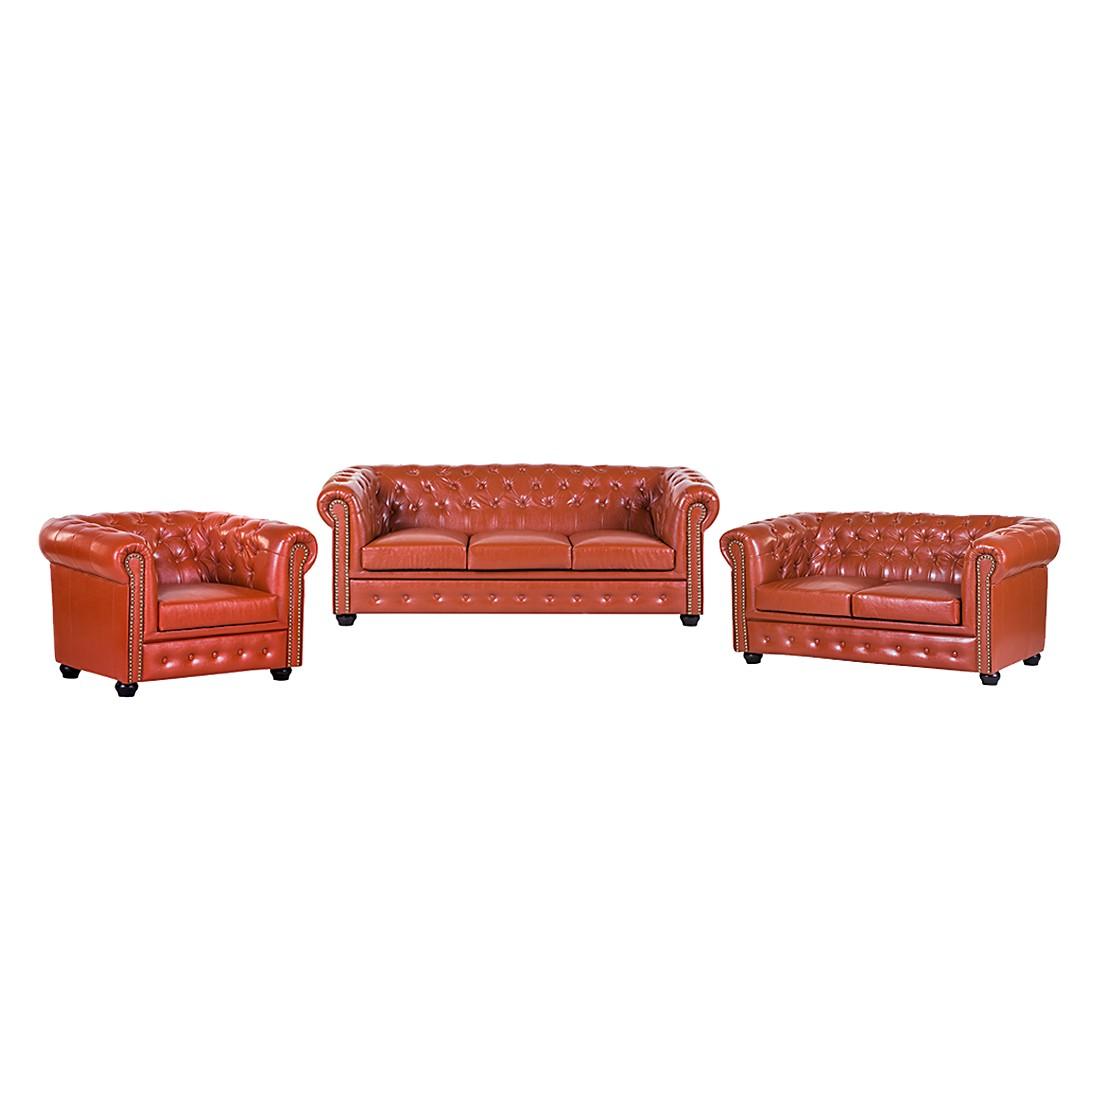 goedkoop Gestoffeerde meubelset Torquay 3zitsbank 2zitsbank en fauteuil bruin kunstleer Jack and Alice